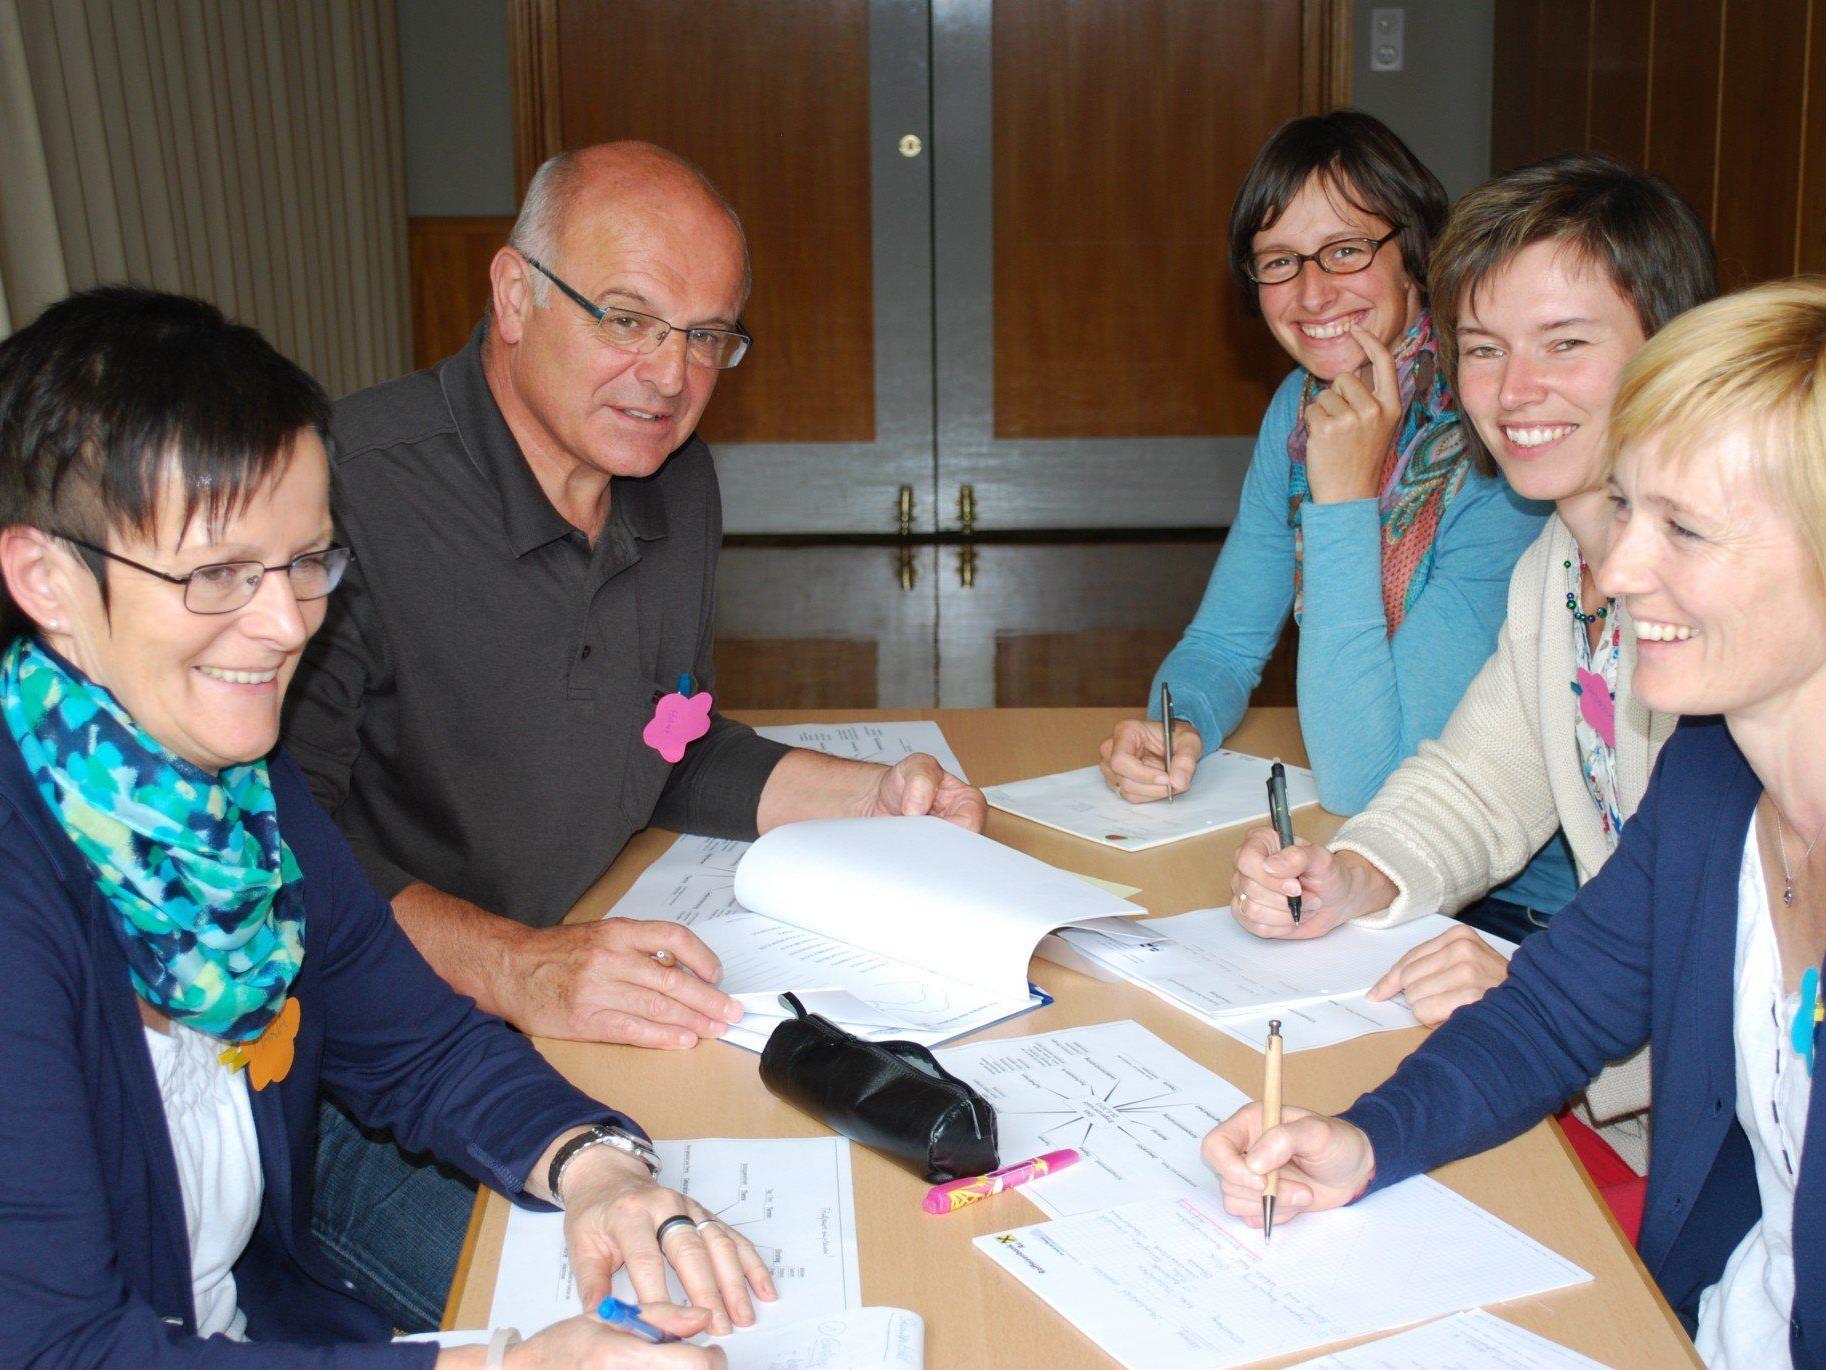 Teilnehmer während einer Gruppenarbeit